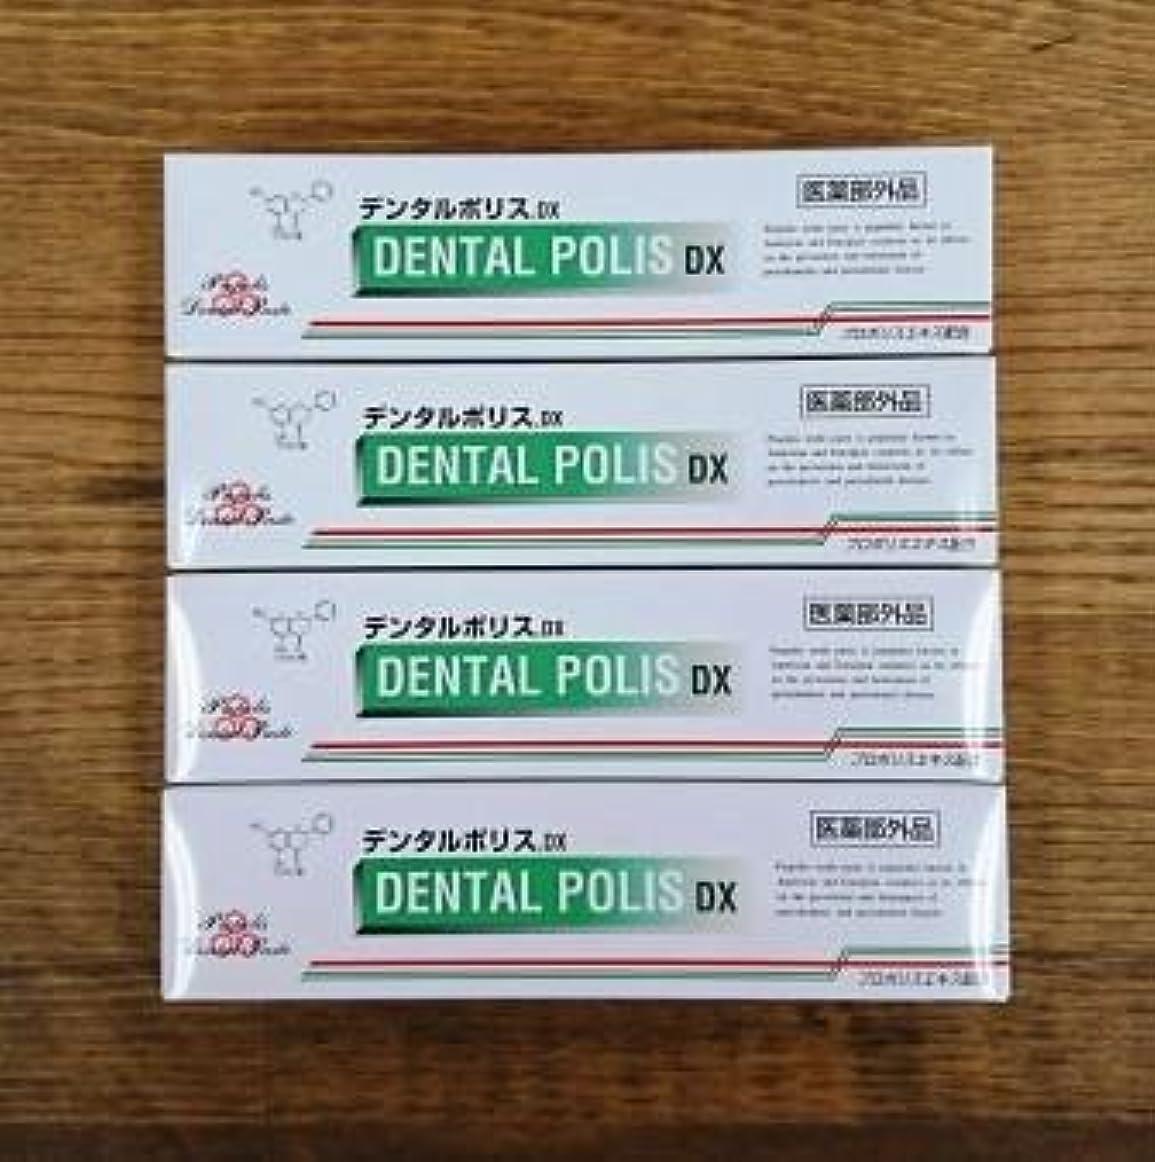 囲い肯定的不従順デンタルポリスDX80g×4本セット 医薬部外品  歯みがき